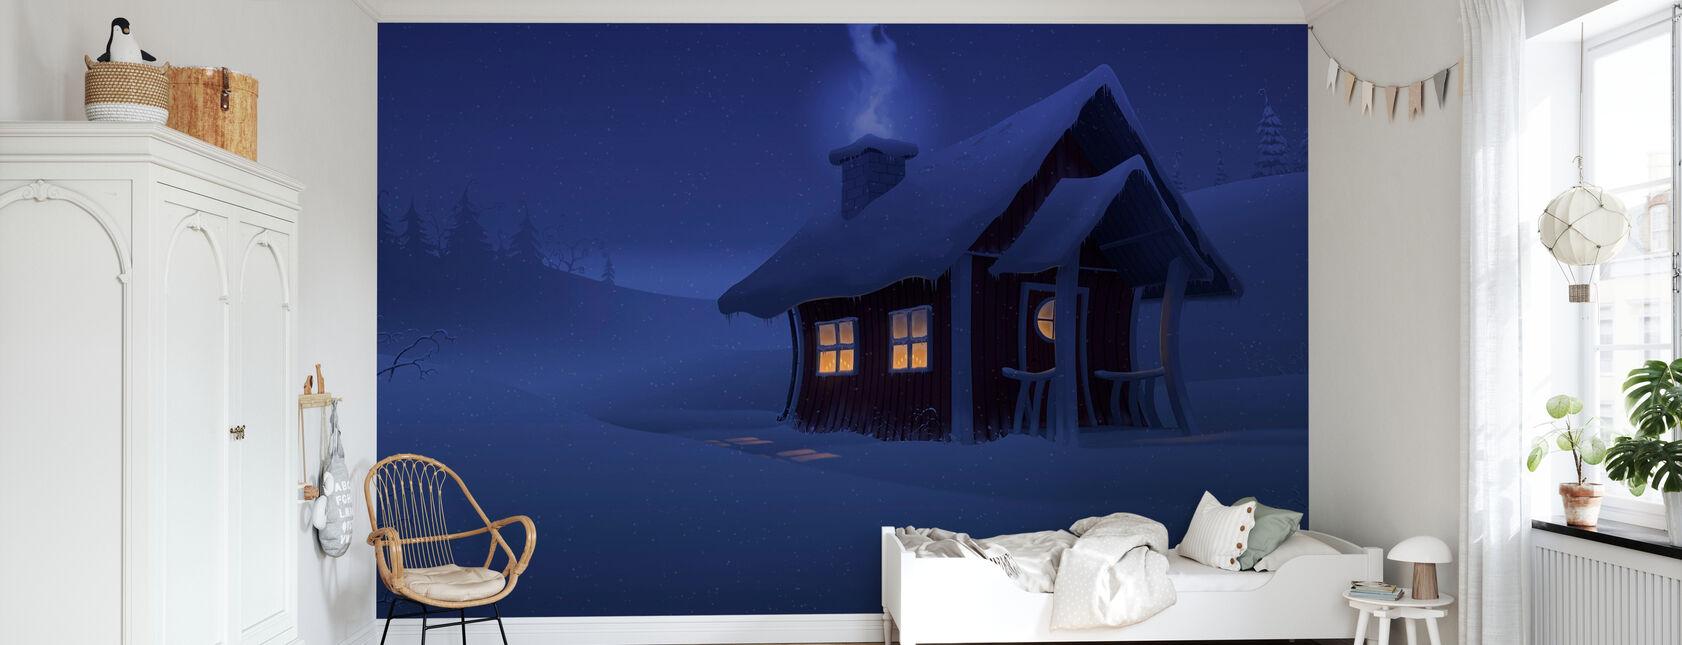 Maison de Noël - Papier peint - Chambre des enfants